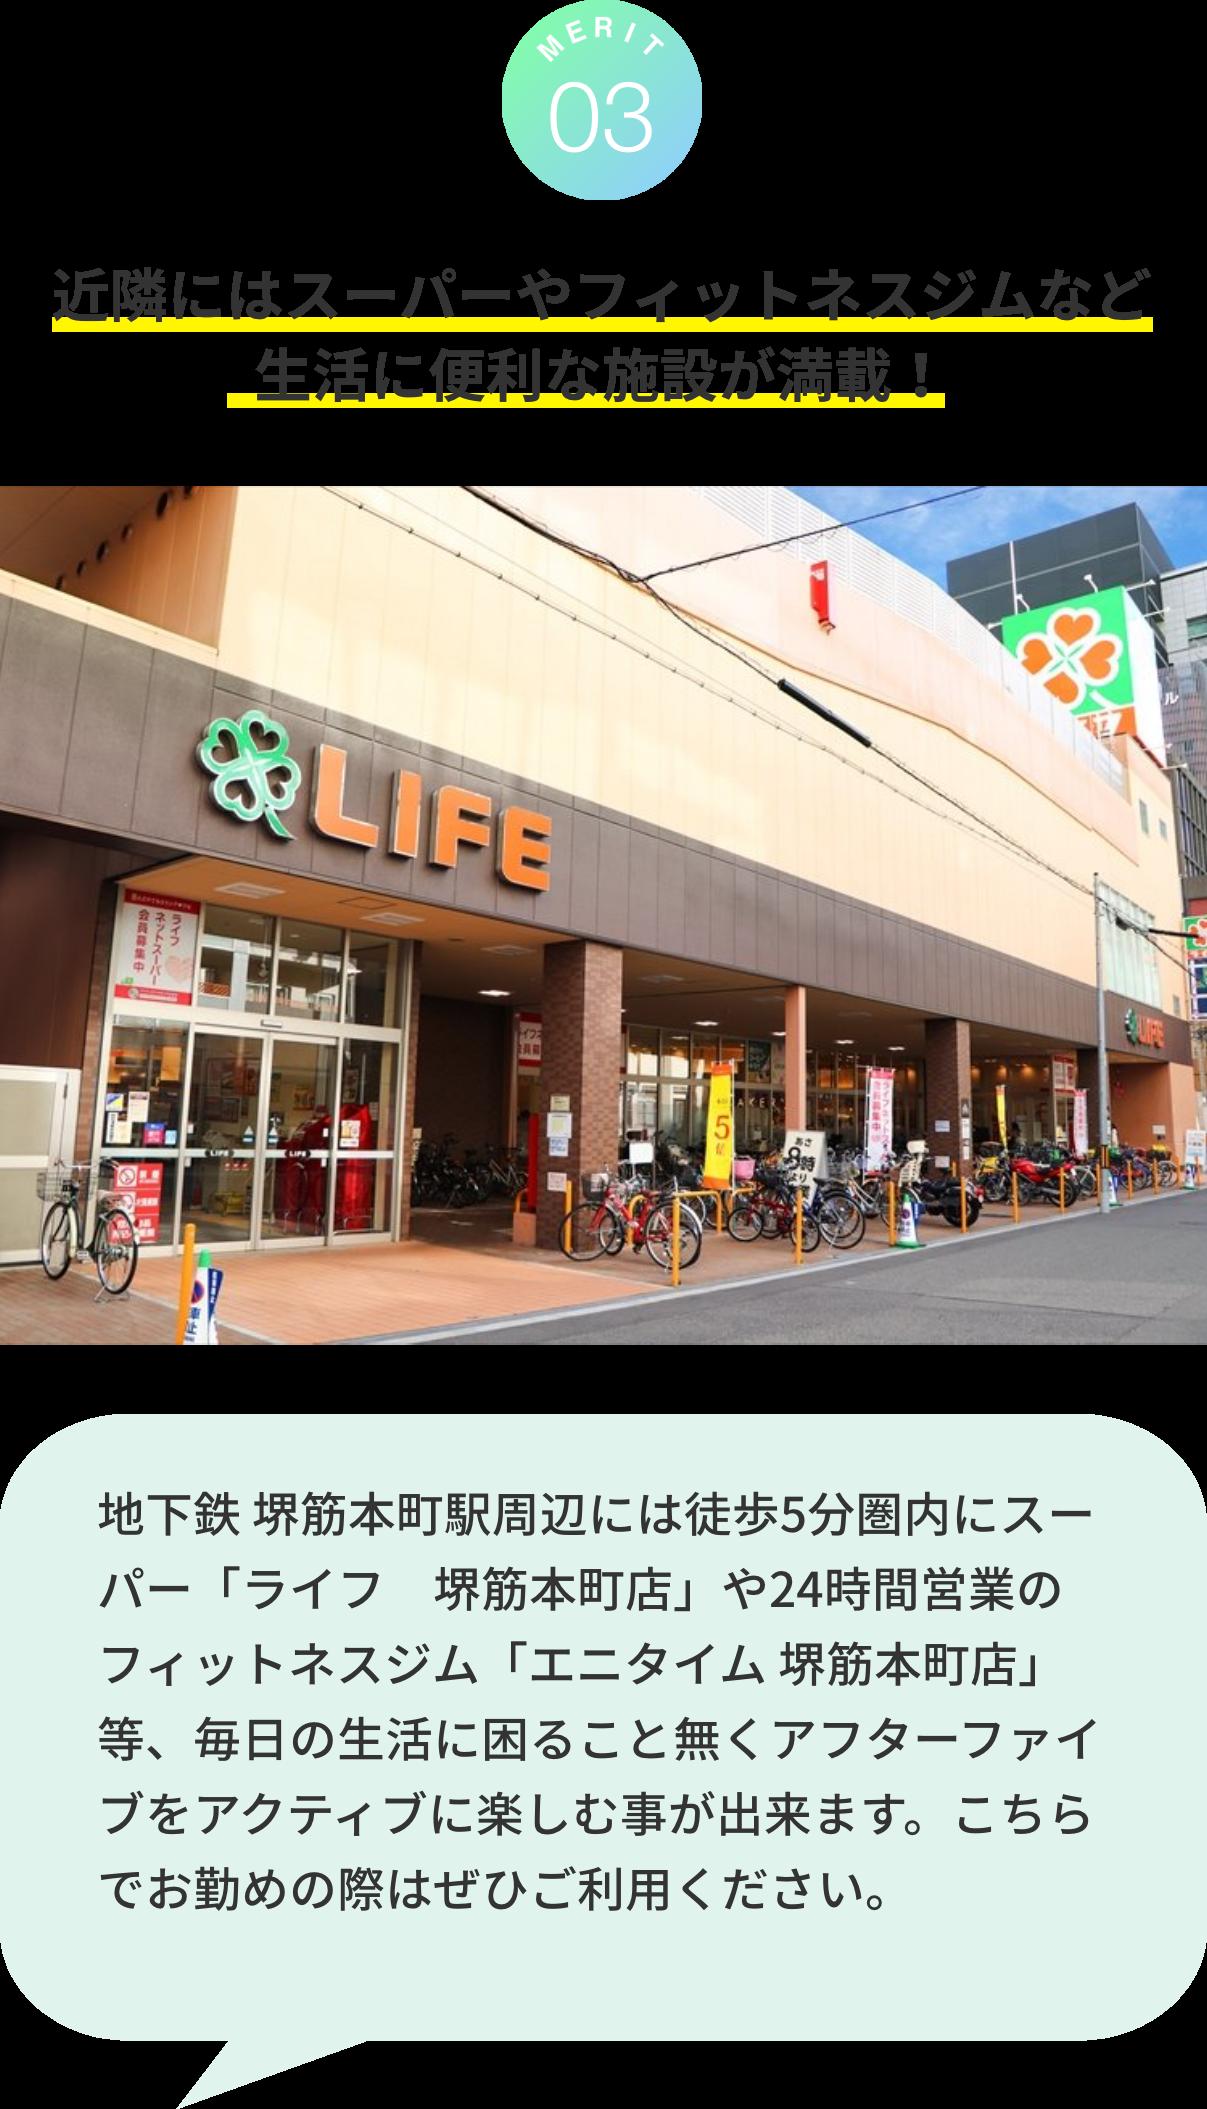 近隣にはスーパーやフィットネスジムなど生活に便利な施設が満載!